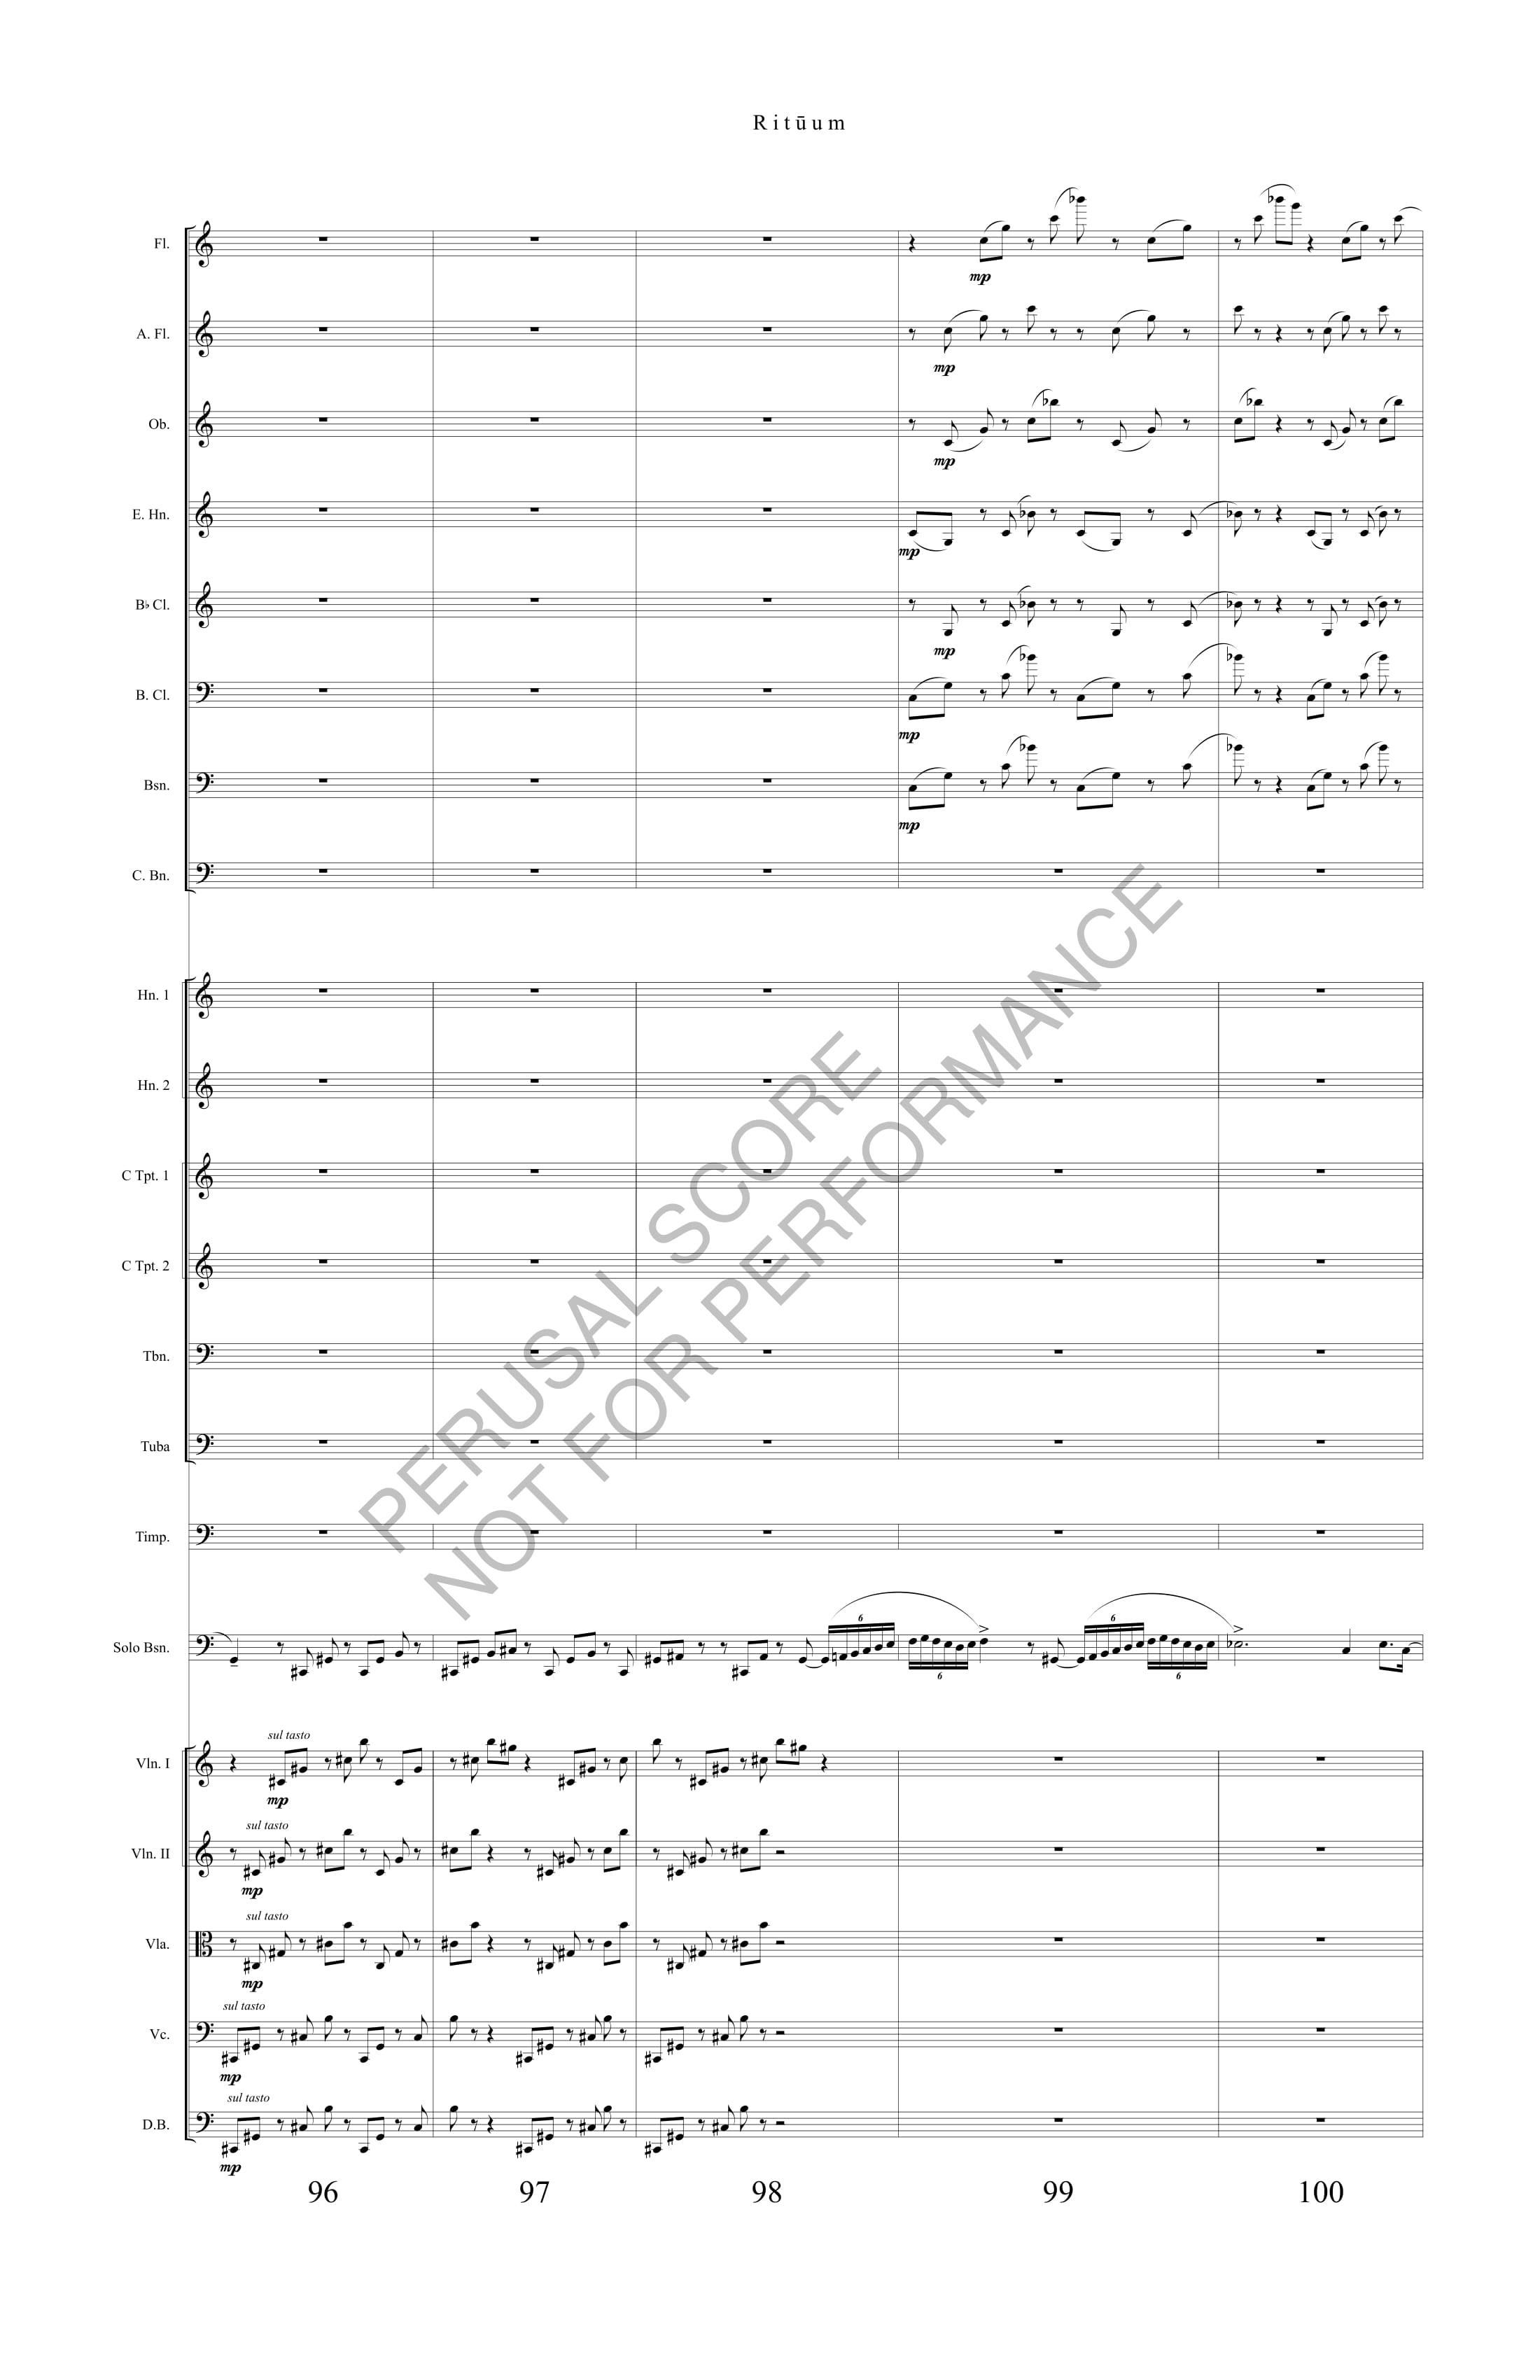 Boyd Rituum Score-watermark (1)-26.jpg